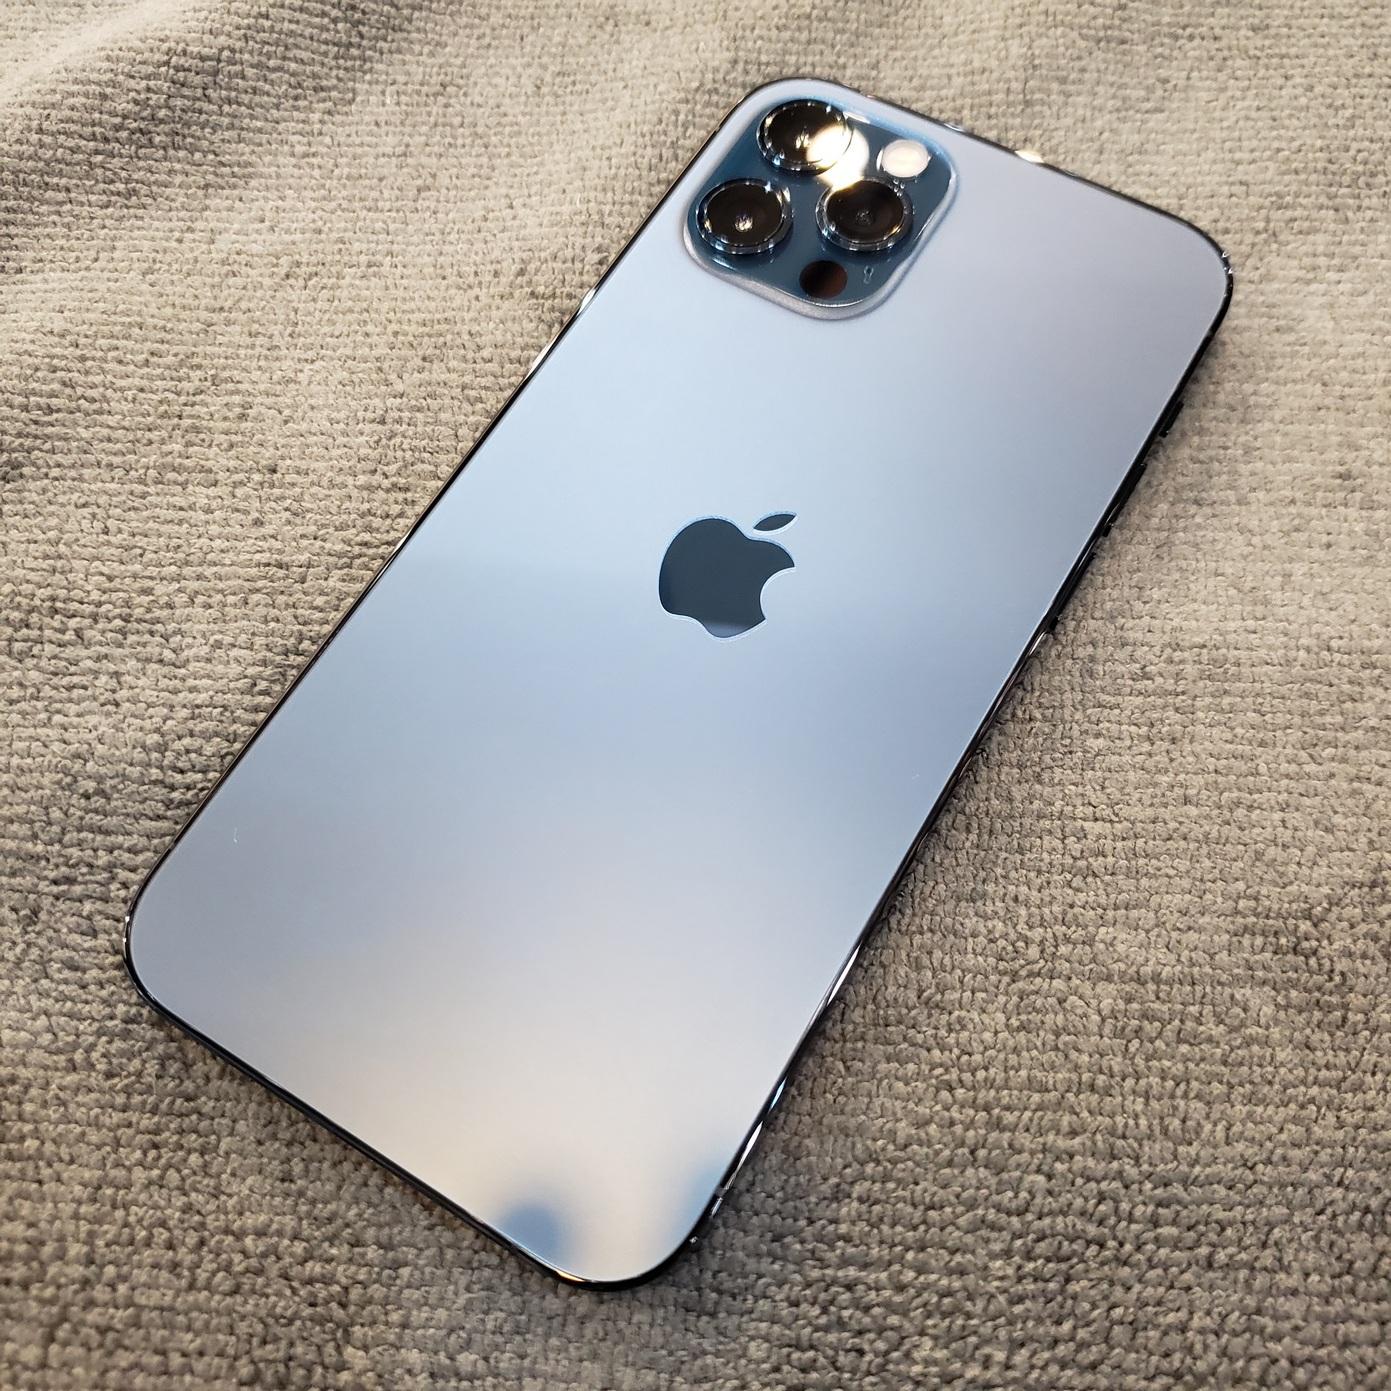 1月4日までガラスコーティング+強化ガラスがお得に!iPhone12pro ガラスコーティング&強化ガラス貼り付け